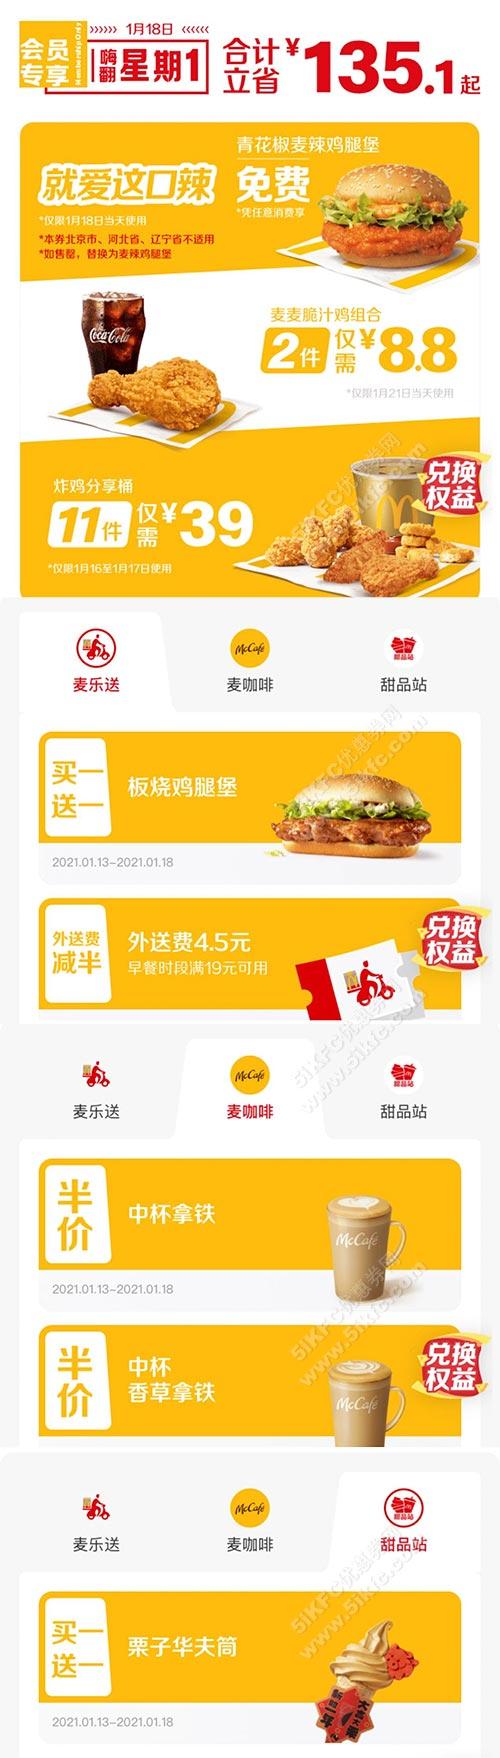 麦当劳周优惠券领取,炸鸡分享桶11件39元  外送鸡翅买一送一,有效期自2020年05月12日到2022年12月31日